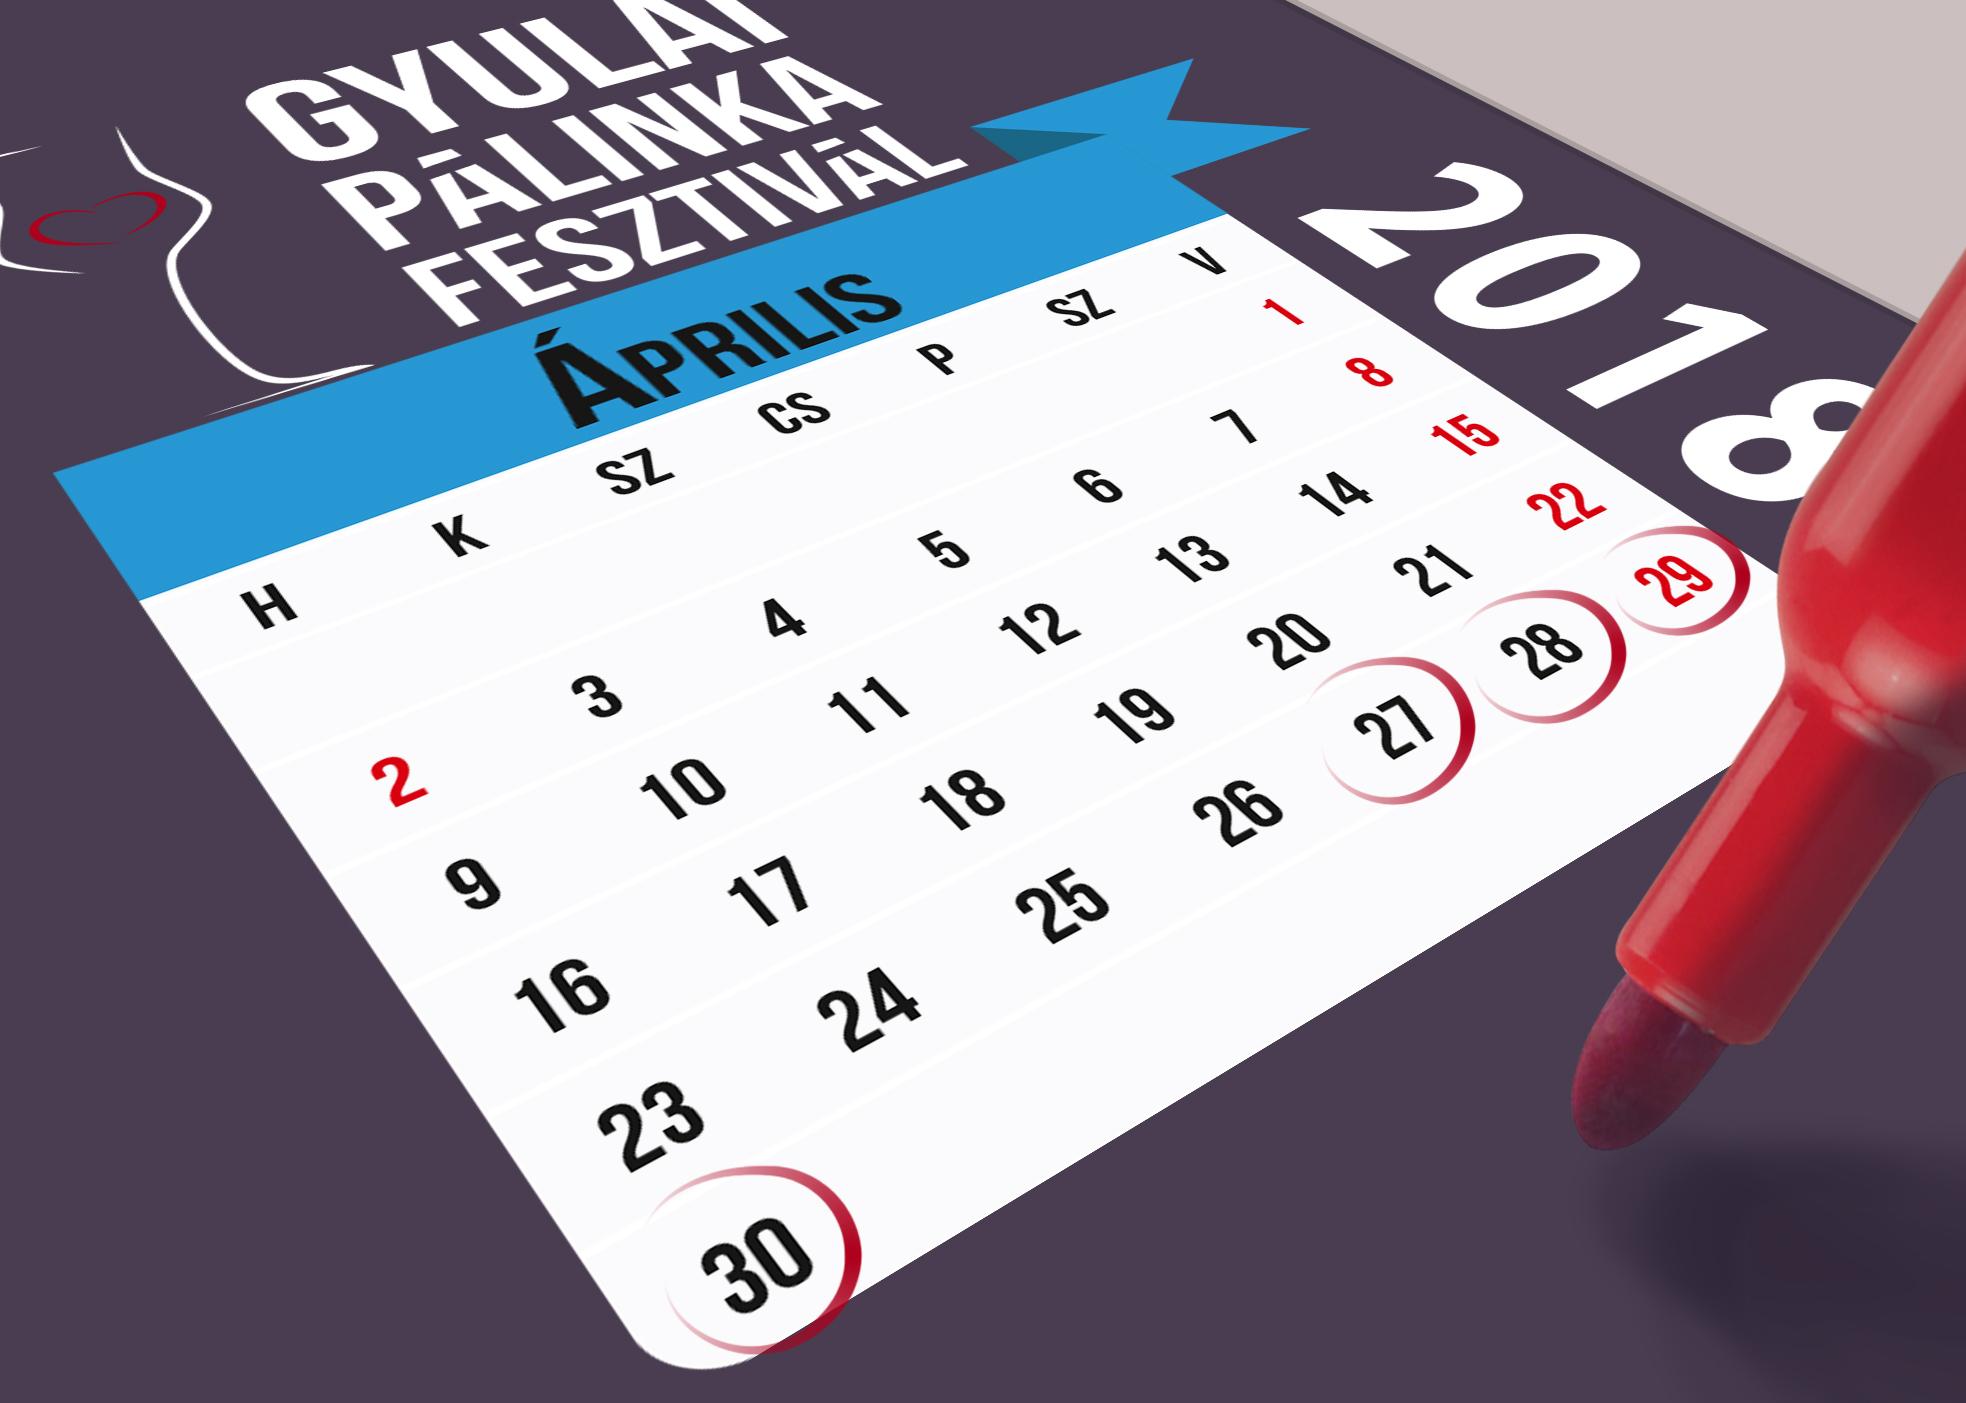 Gyulai Pálinkafesztivál áprilisban Gyulán